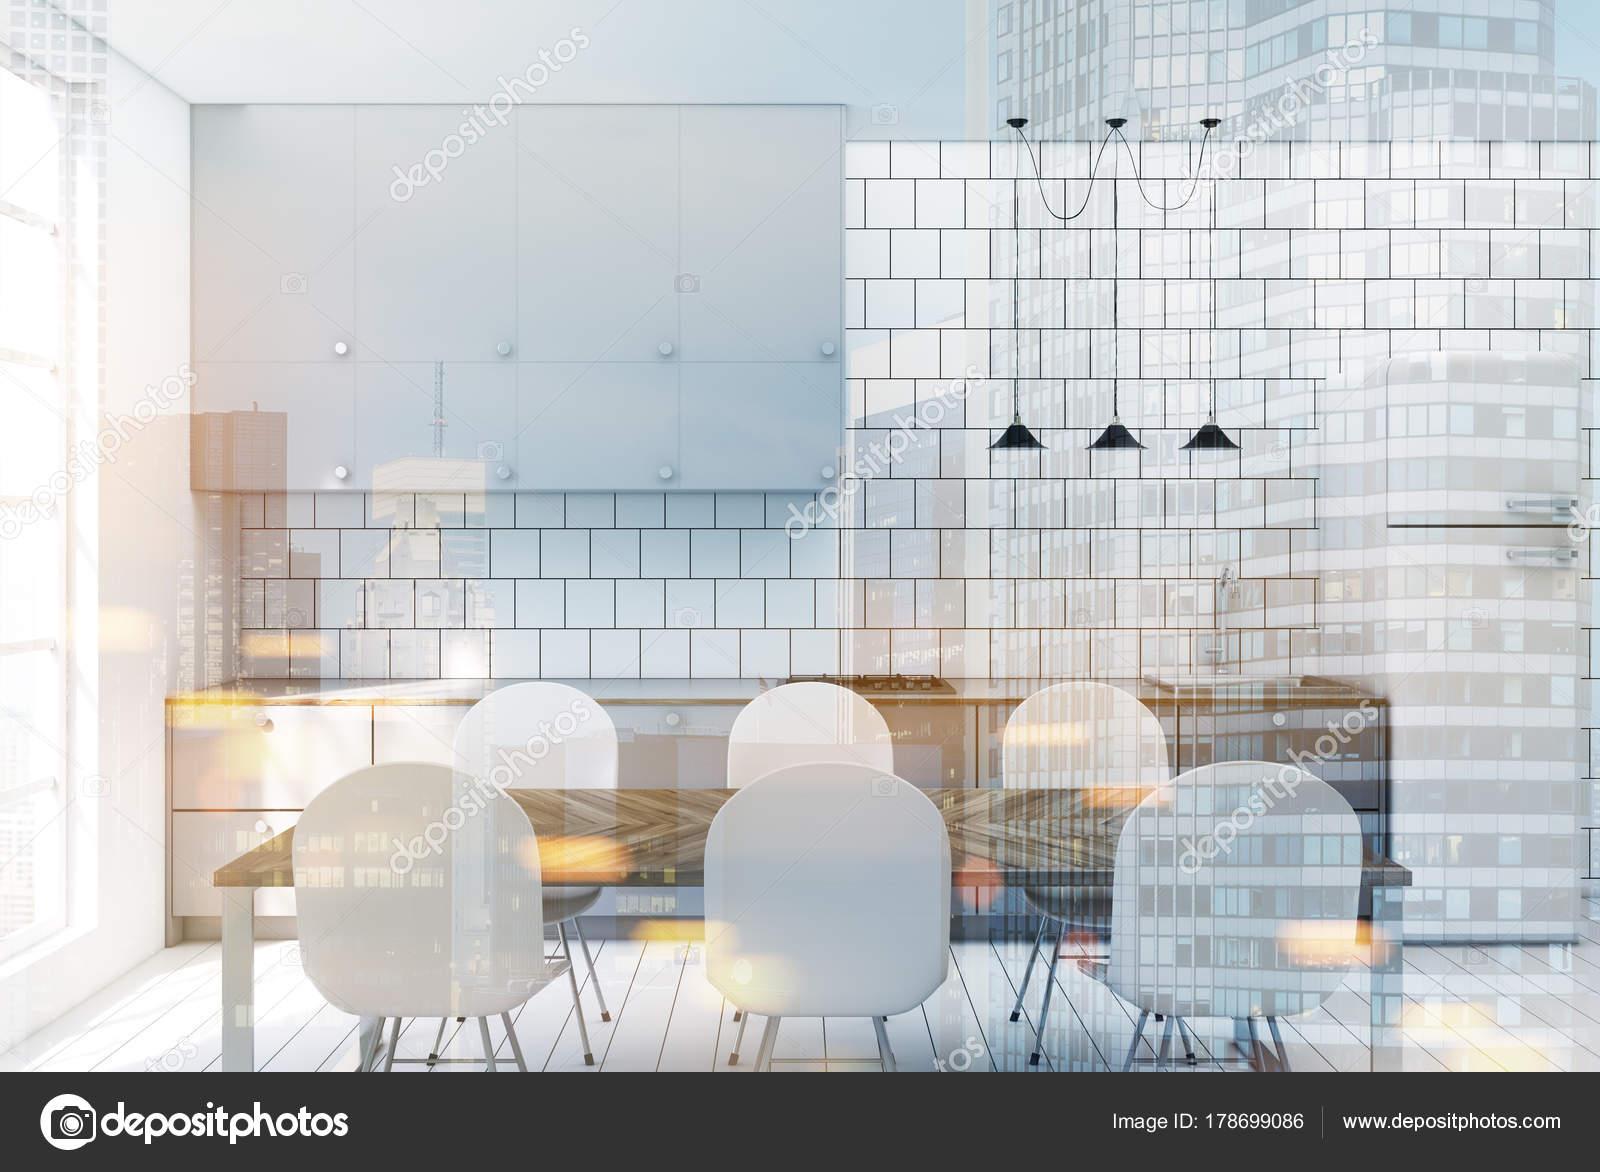 Cucina controsoffitto grigio tonico con piastrelle bianche u2014 foto